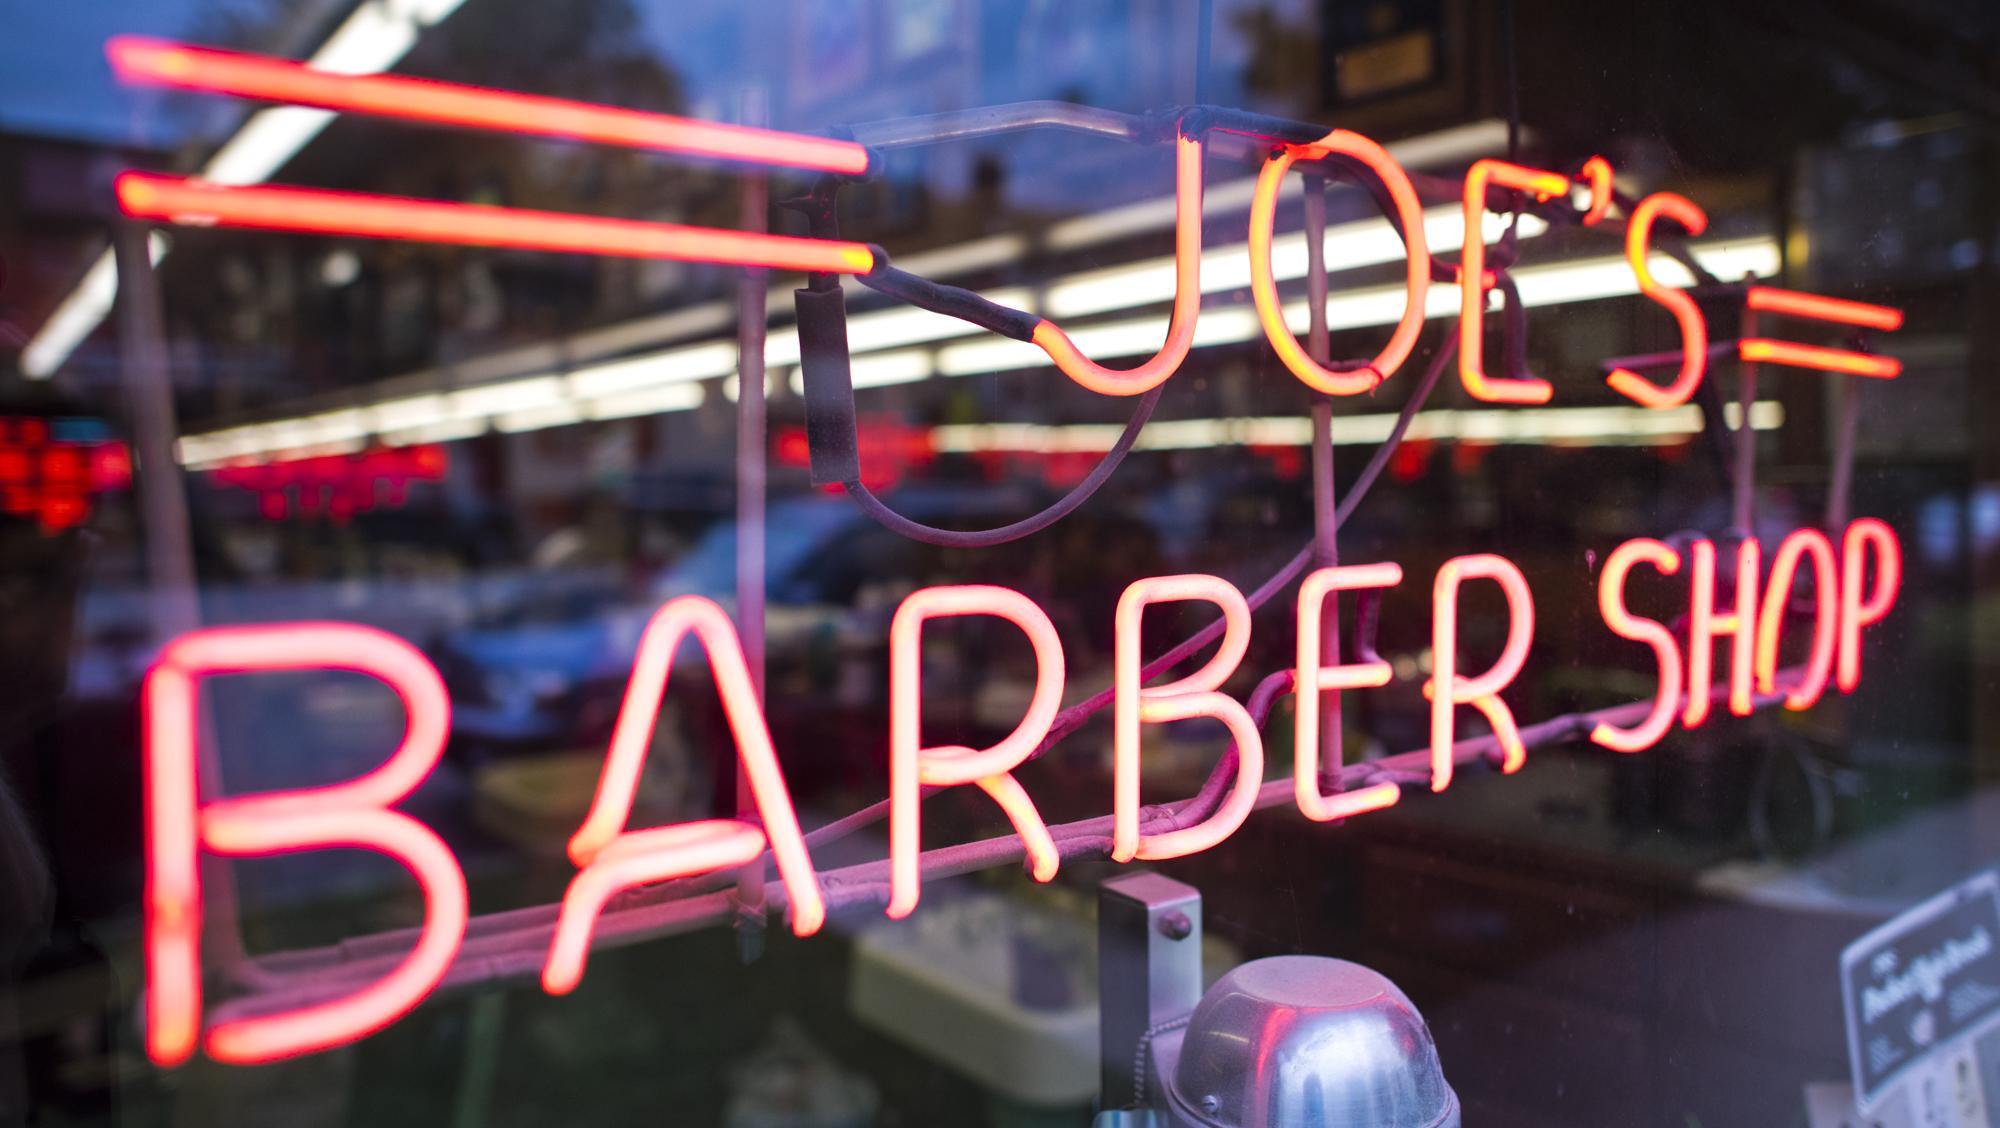 JoesBarbershop-5912.jpg